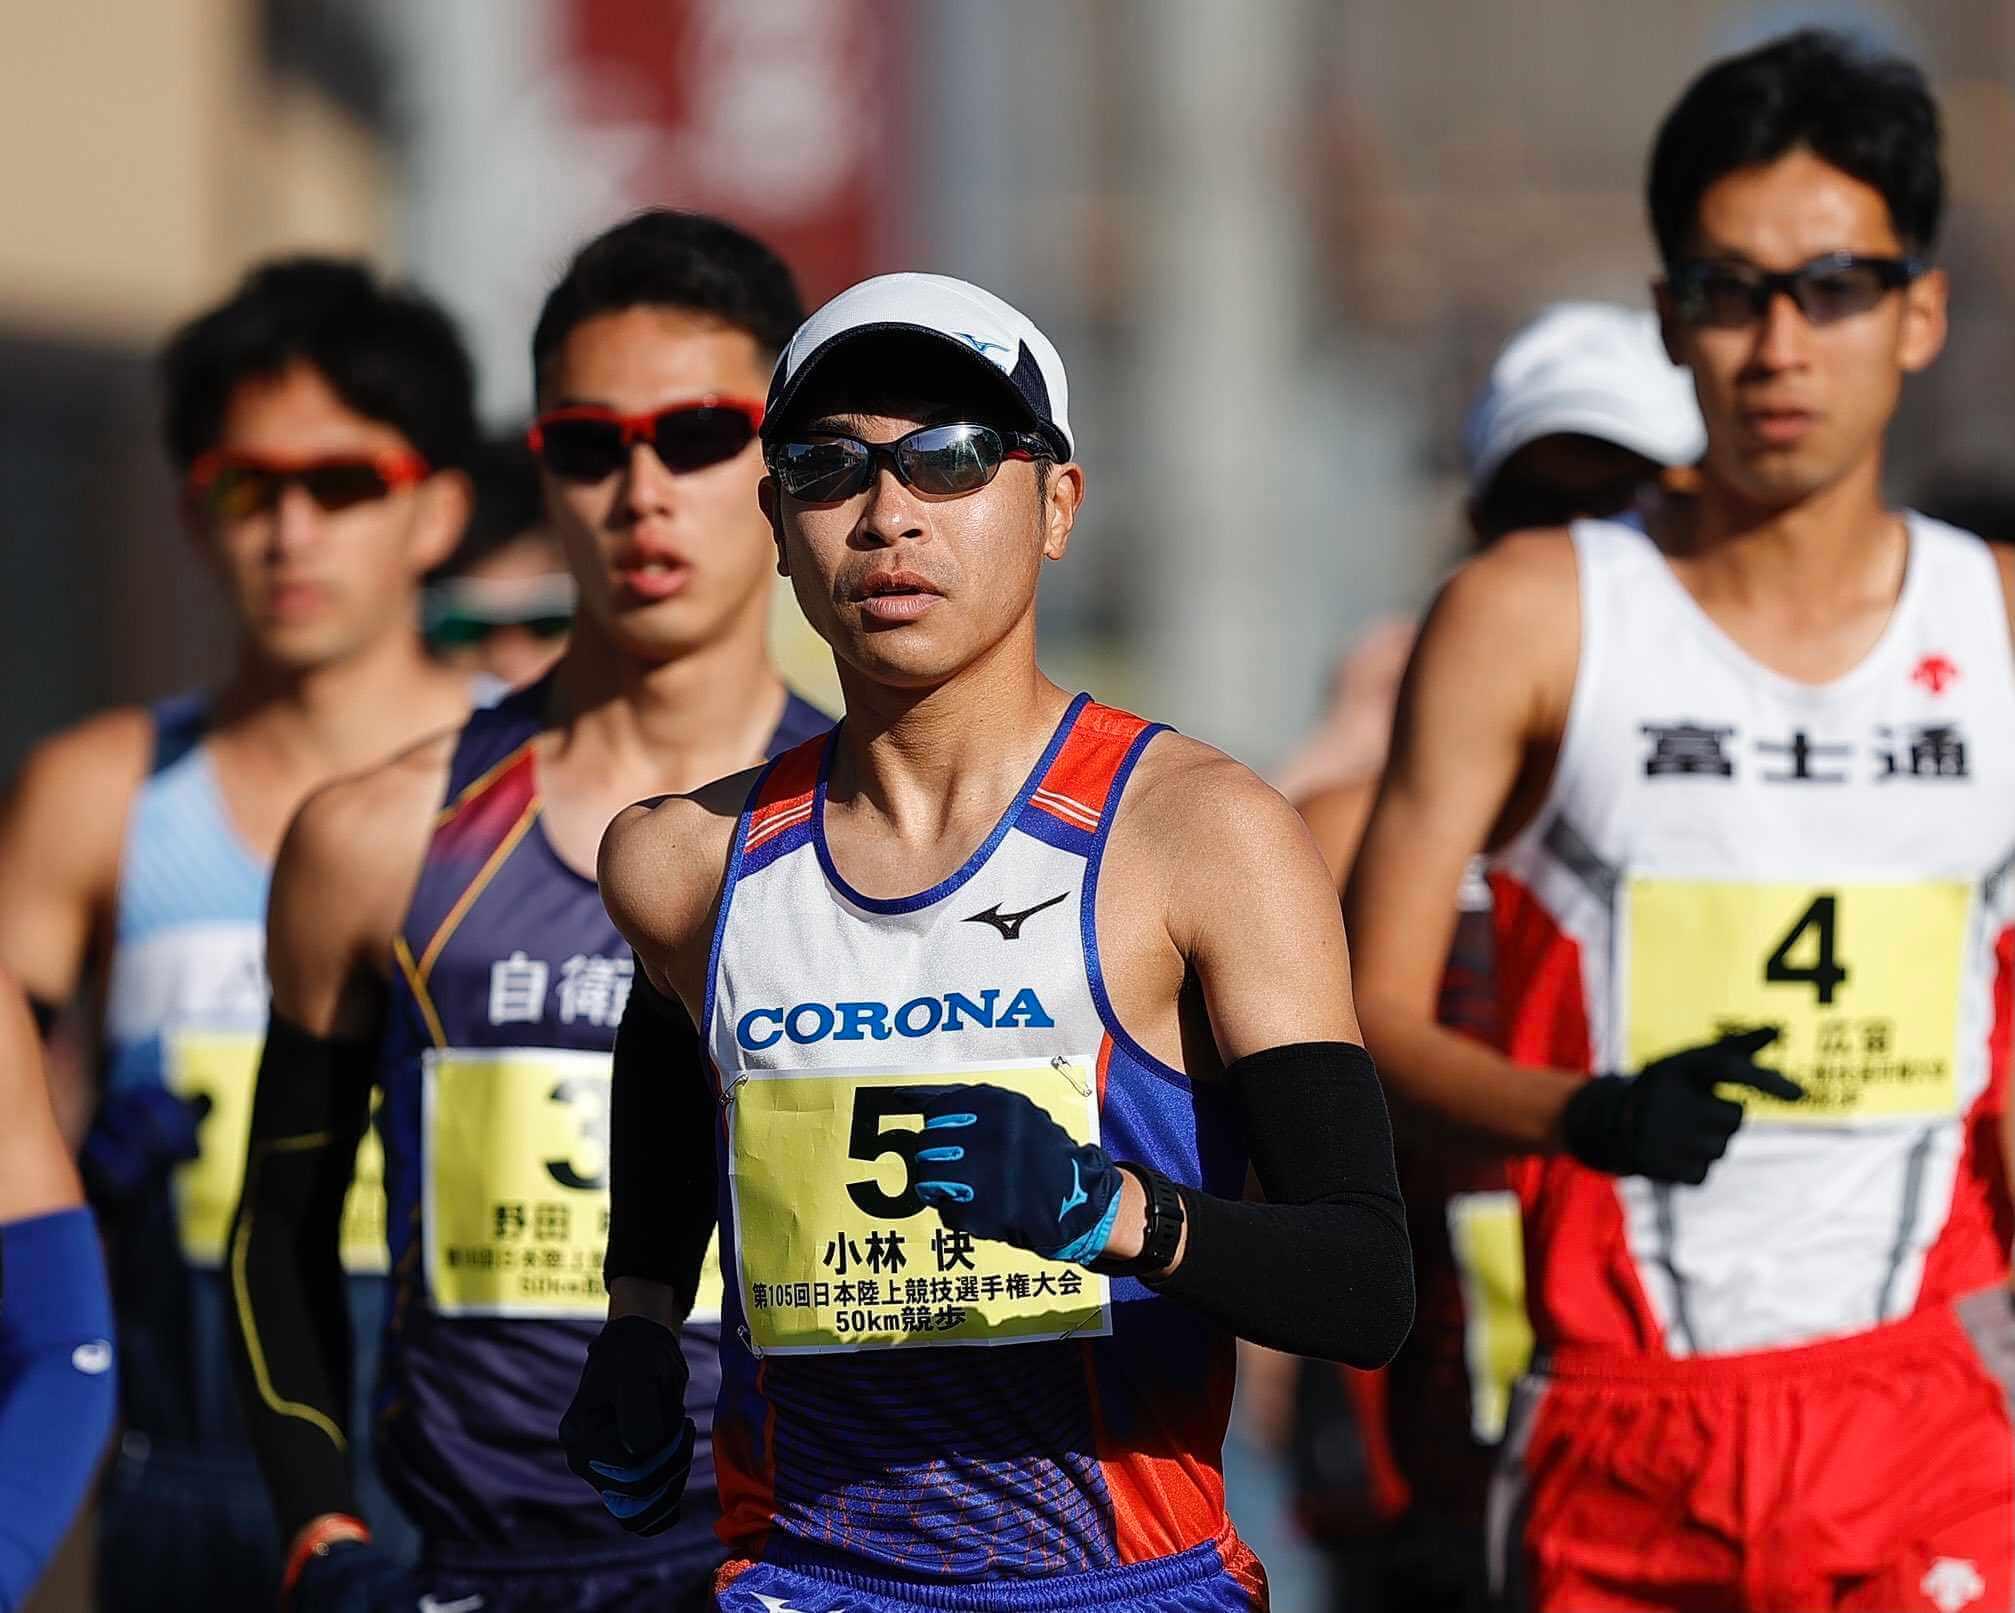 50㎞競歩日本代表残る1つの枠を争う壮絶なレース~PodcastQR「Track Town JPN」